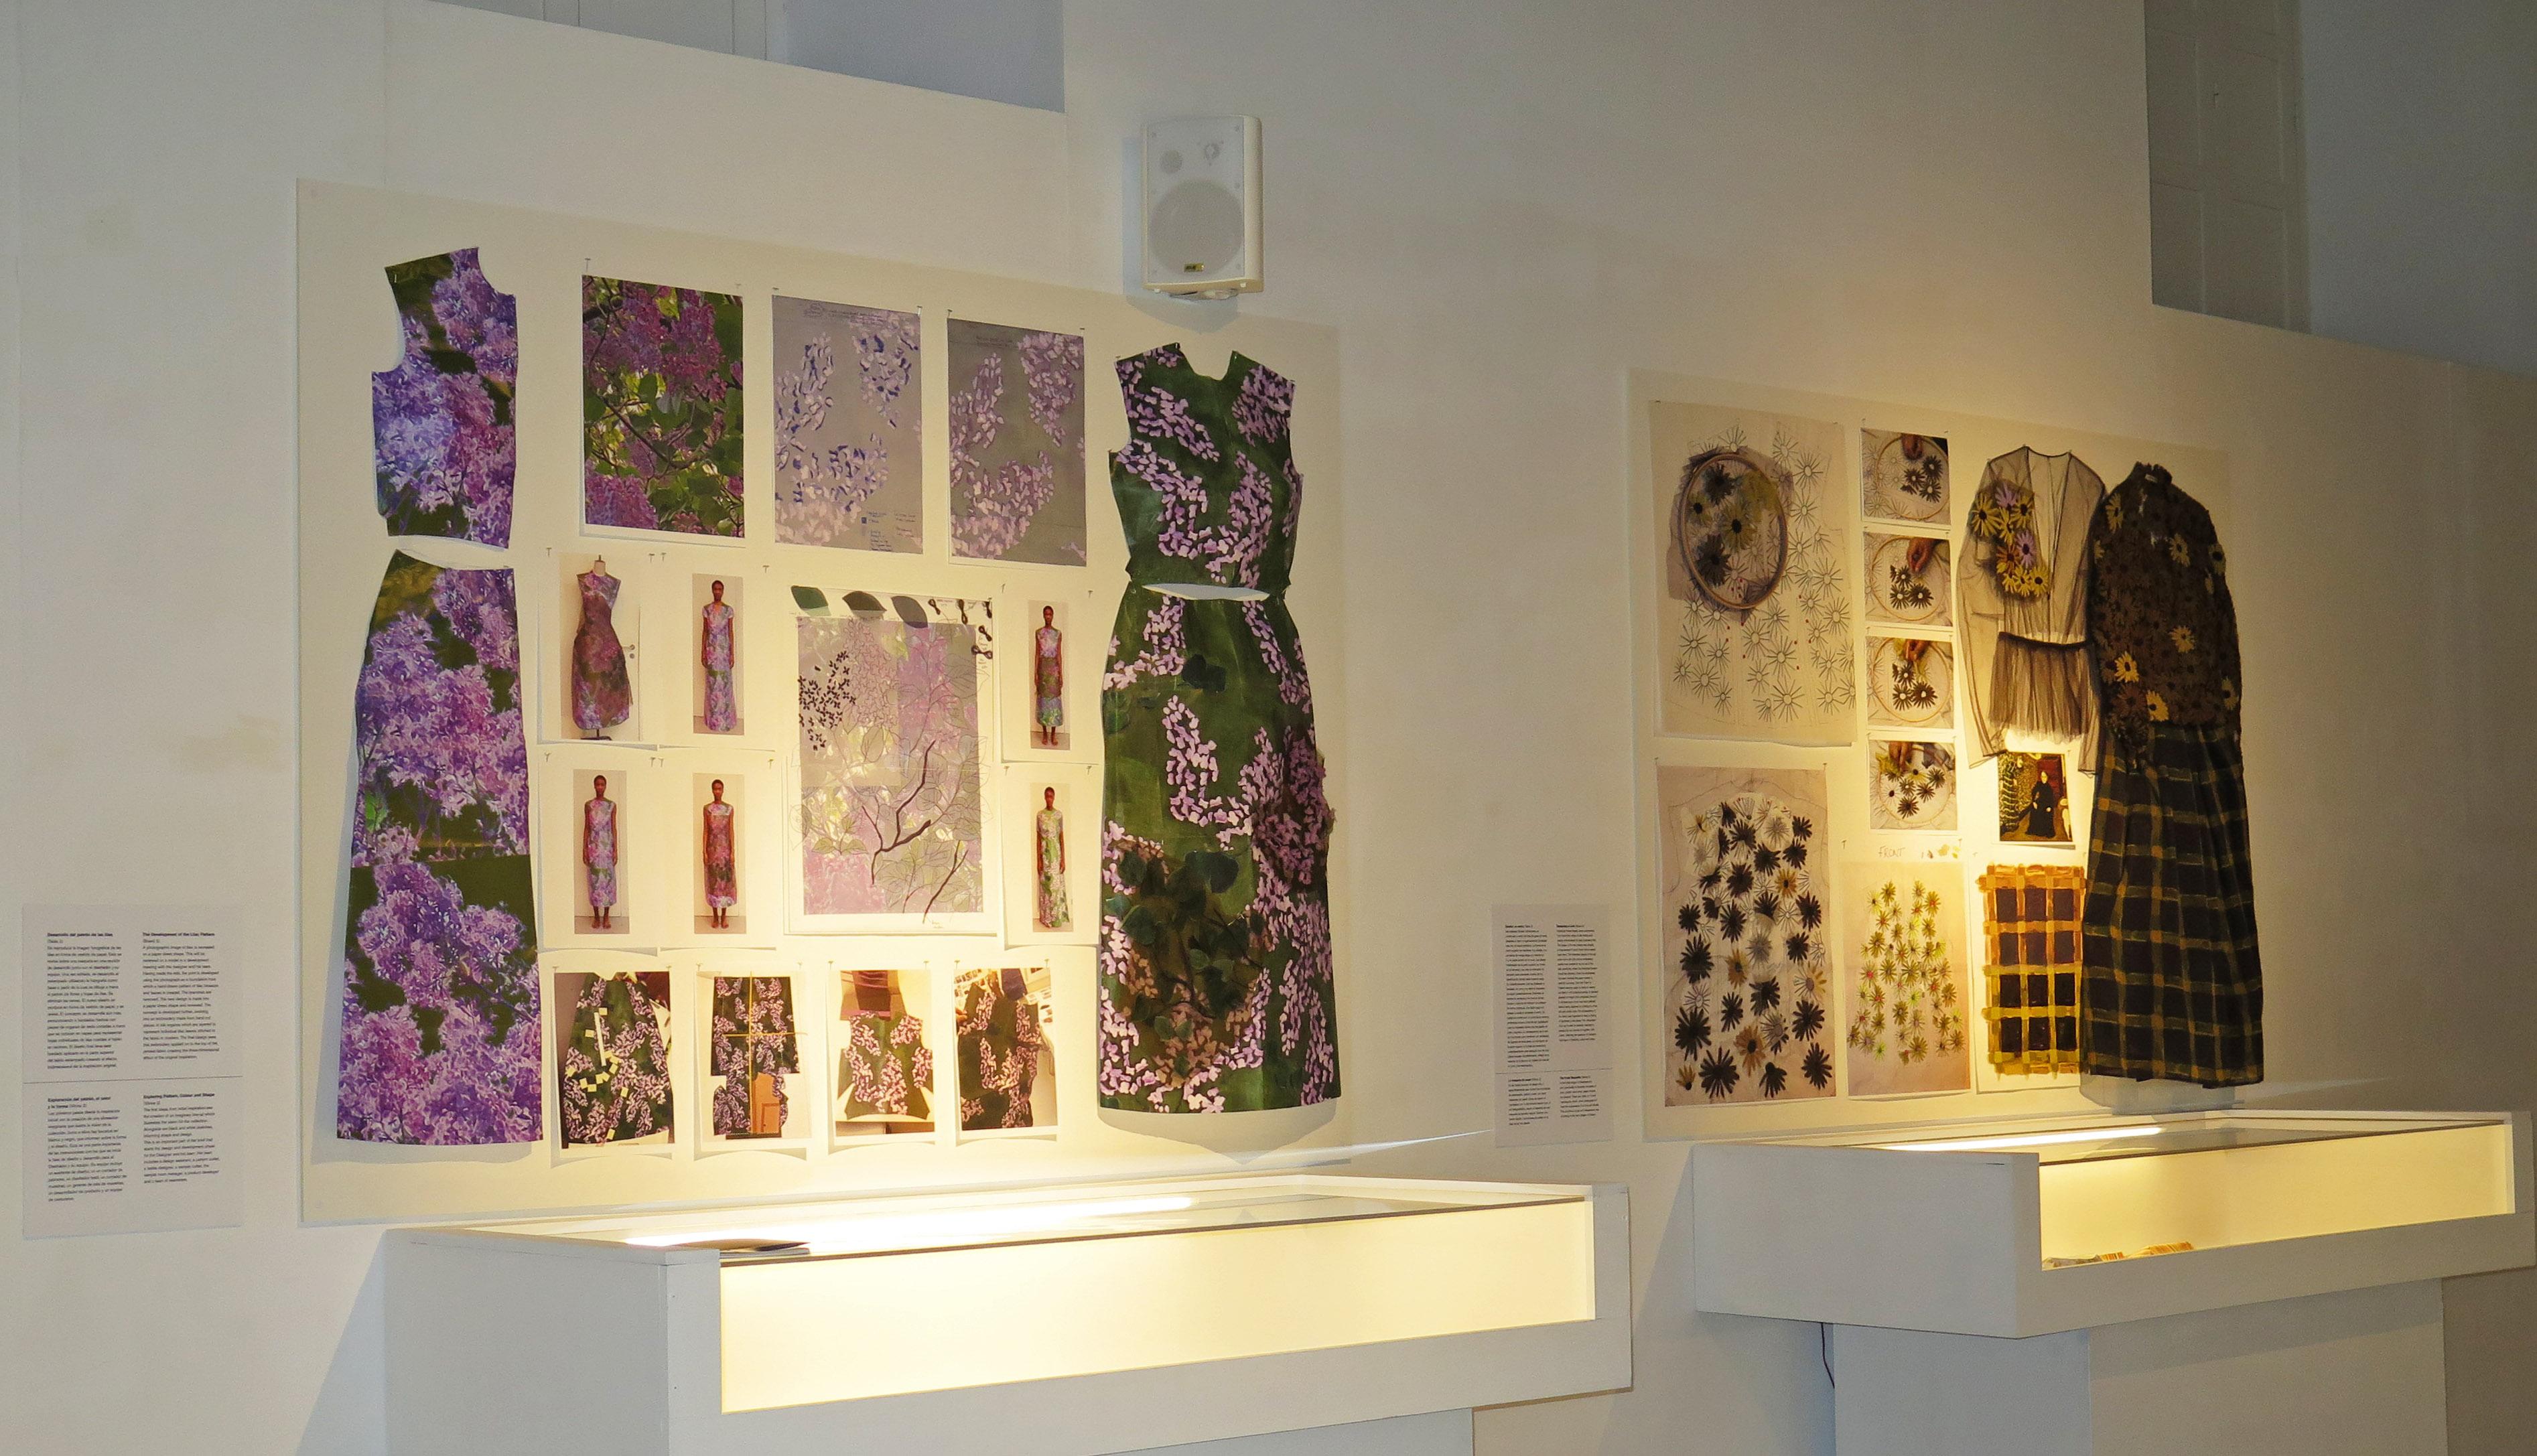 Exposición en el Cicus dedicada al diseñador británico